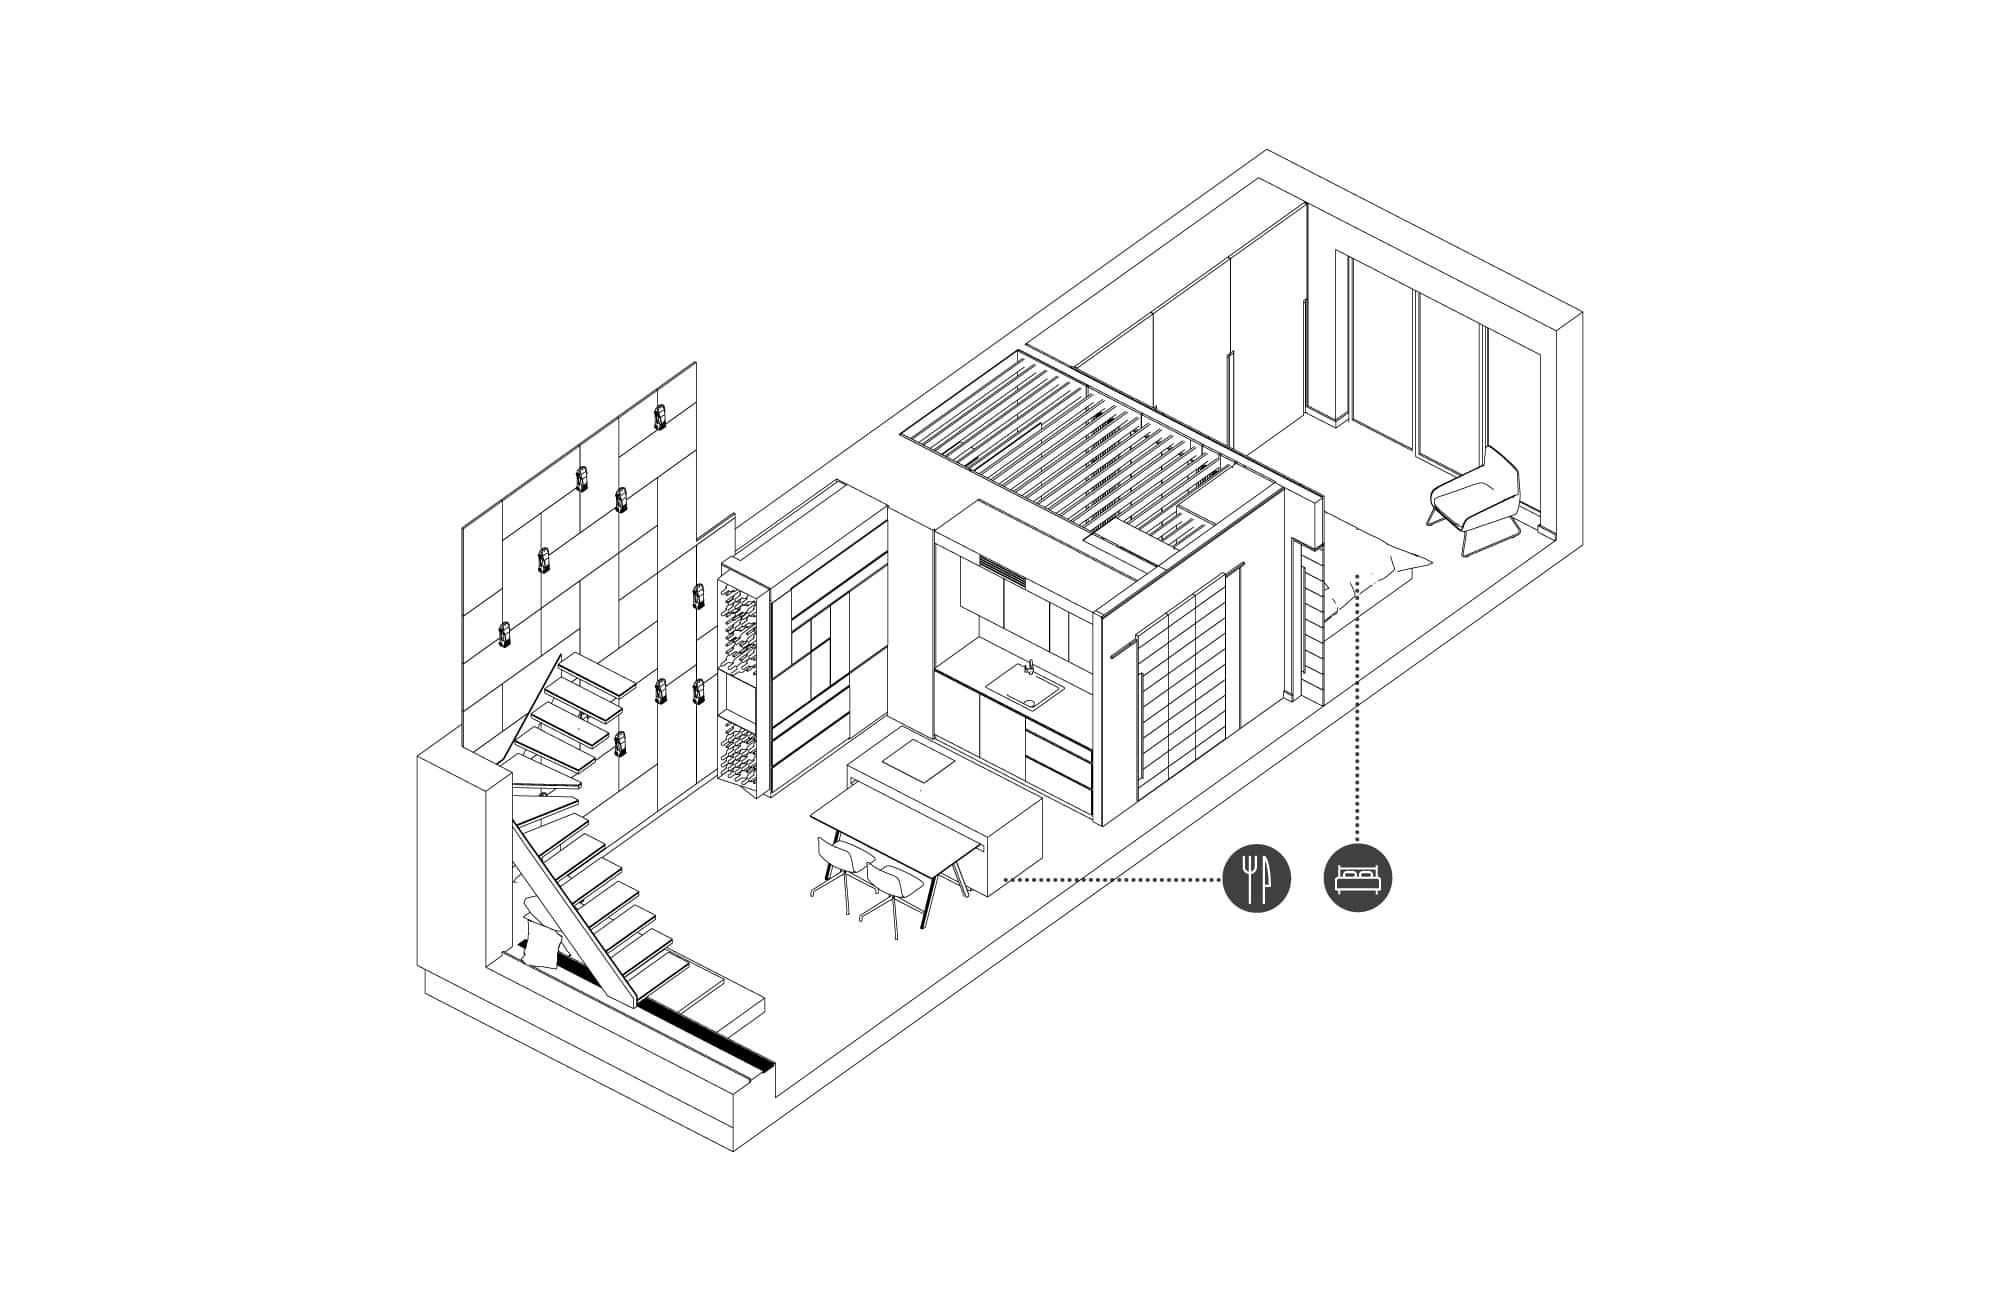 Widok aksonometryczny mieszkania wPoznaniu wraz zwidokiem napodział przestrzenny wnętrza.